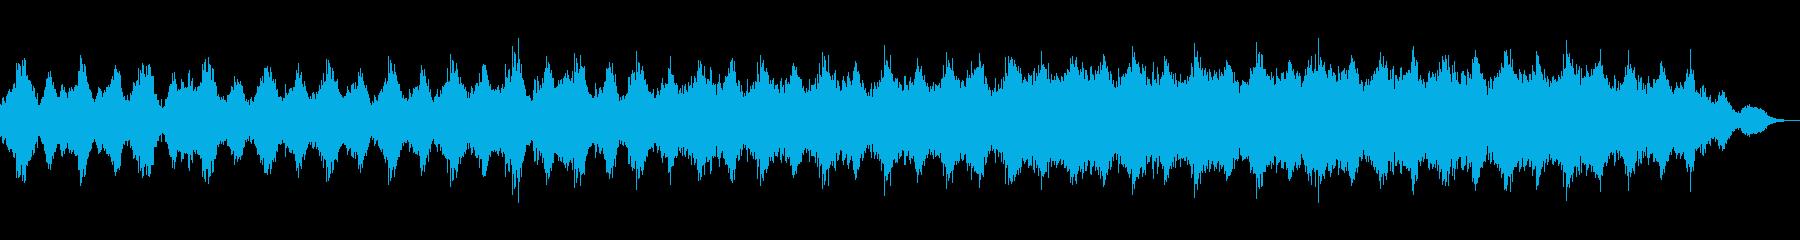 ギターとシンセストリングサウンドの再生済みの波形